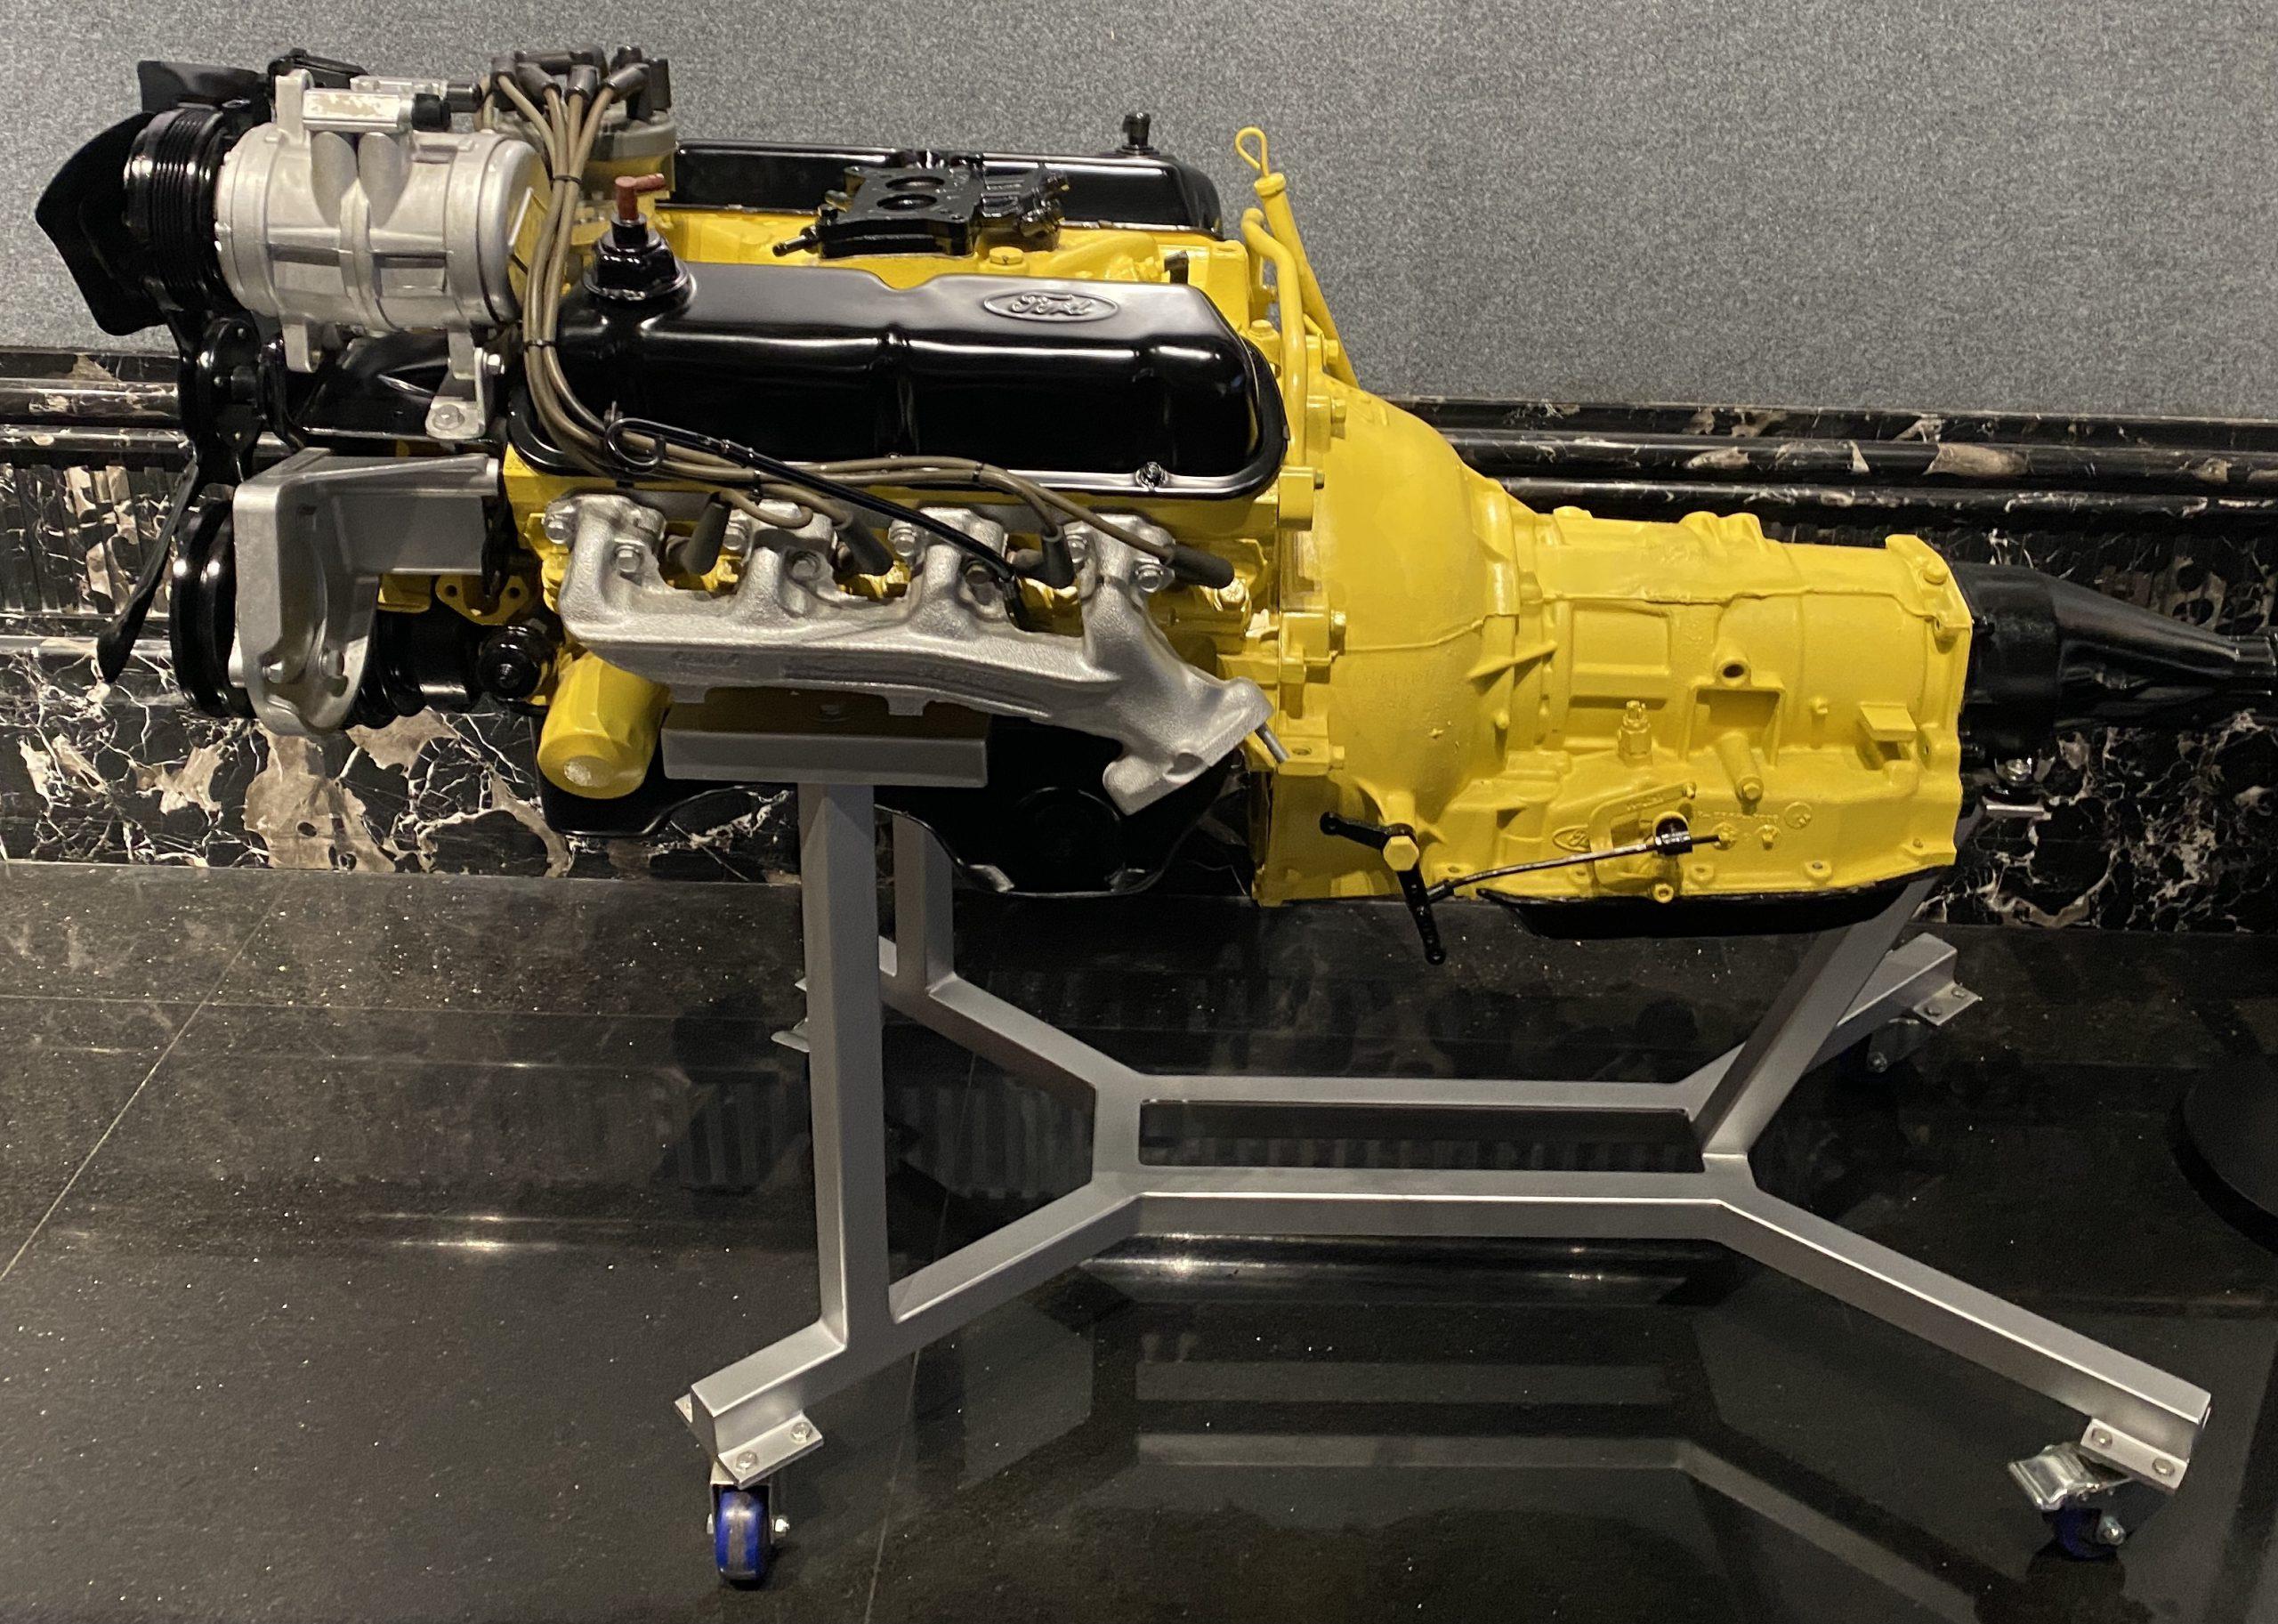 フォード302エンジン-常設展-三和老爺車博物館-成都市-四川省